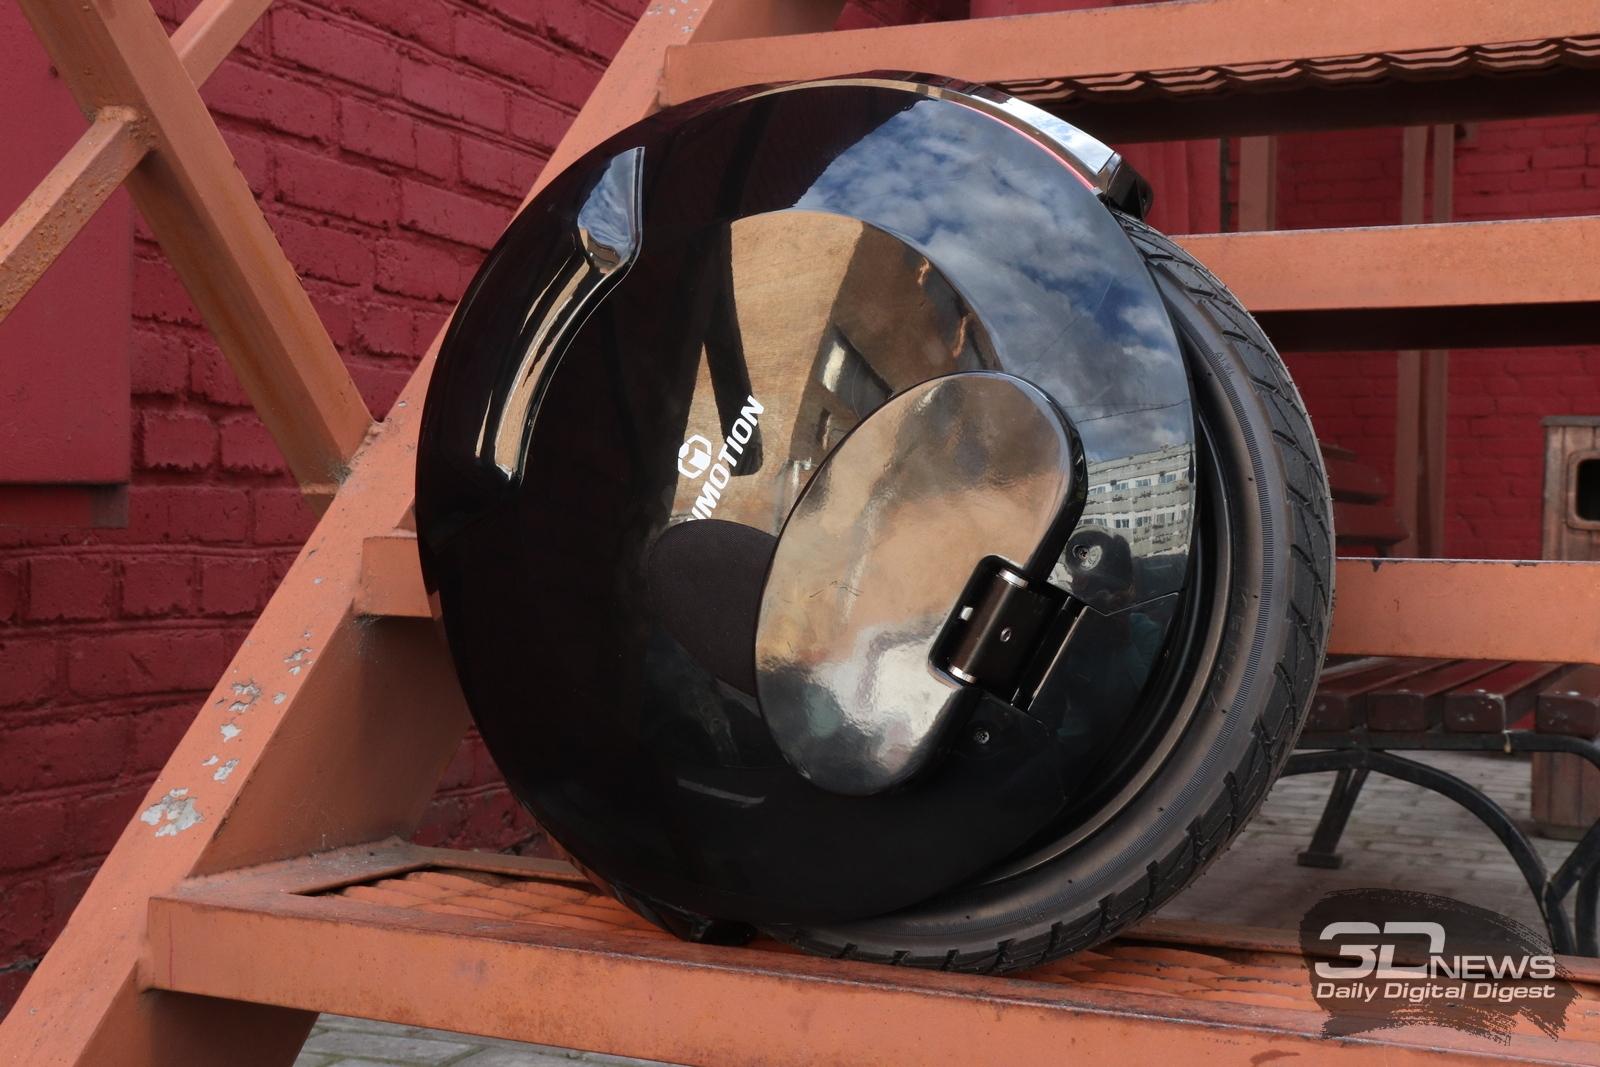 Новая статья: Обзор моноколеса Inmotion V8: огни большого колеса